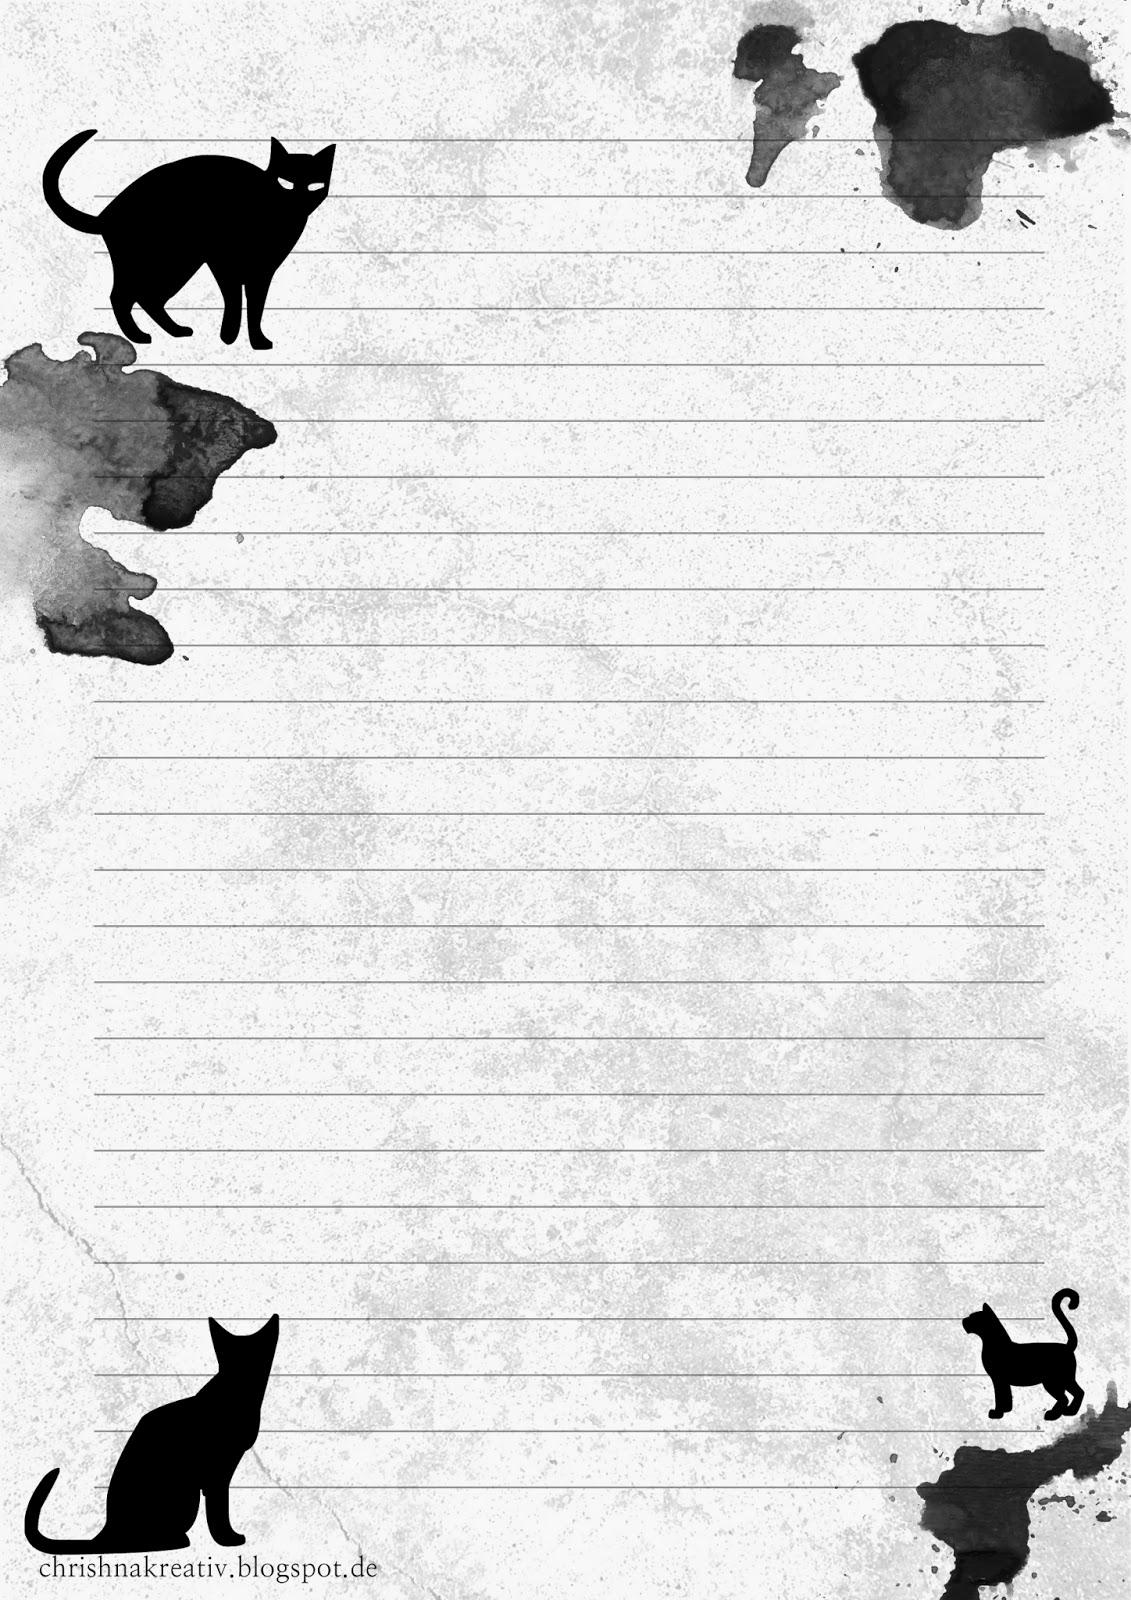 Chrishna Kreativ Schnurrig Schauriges Briefpapier Zu